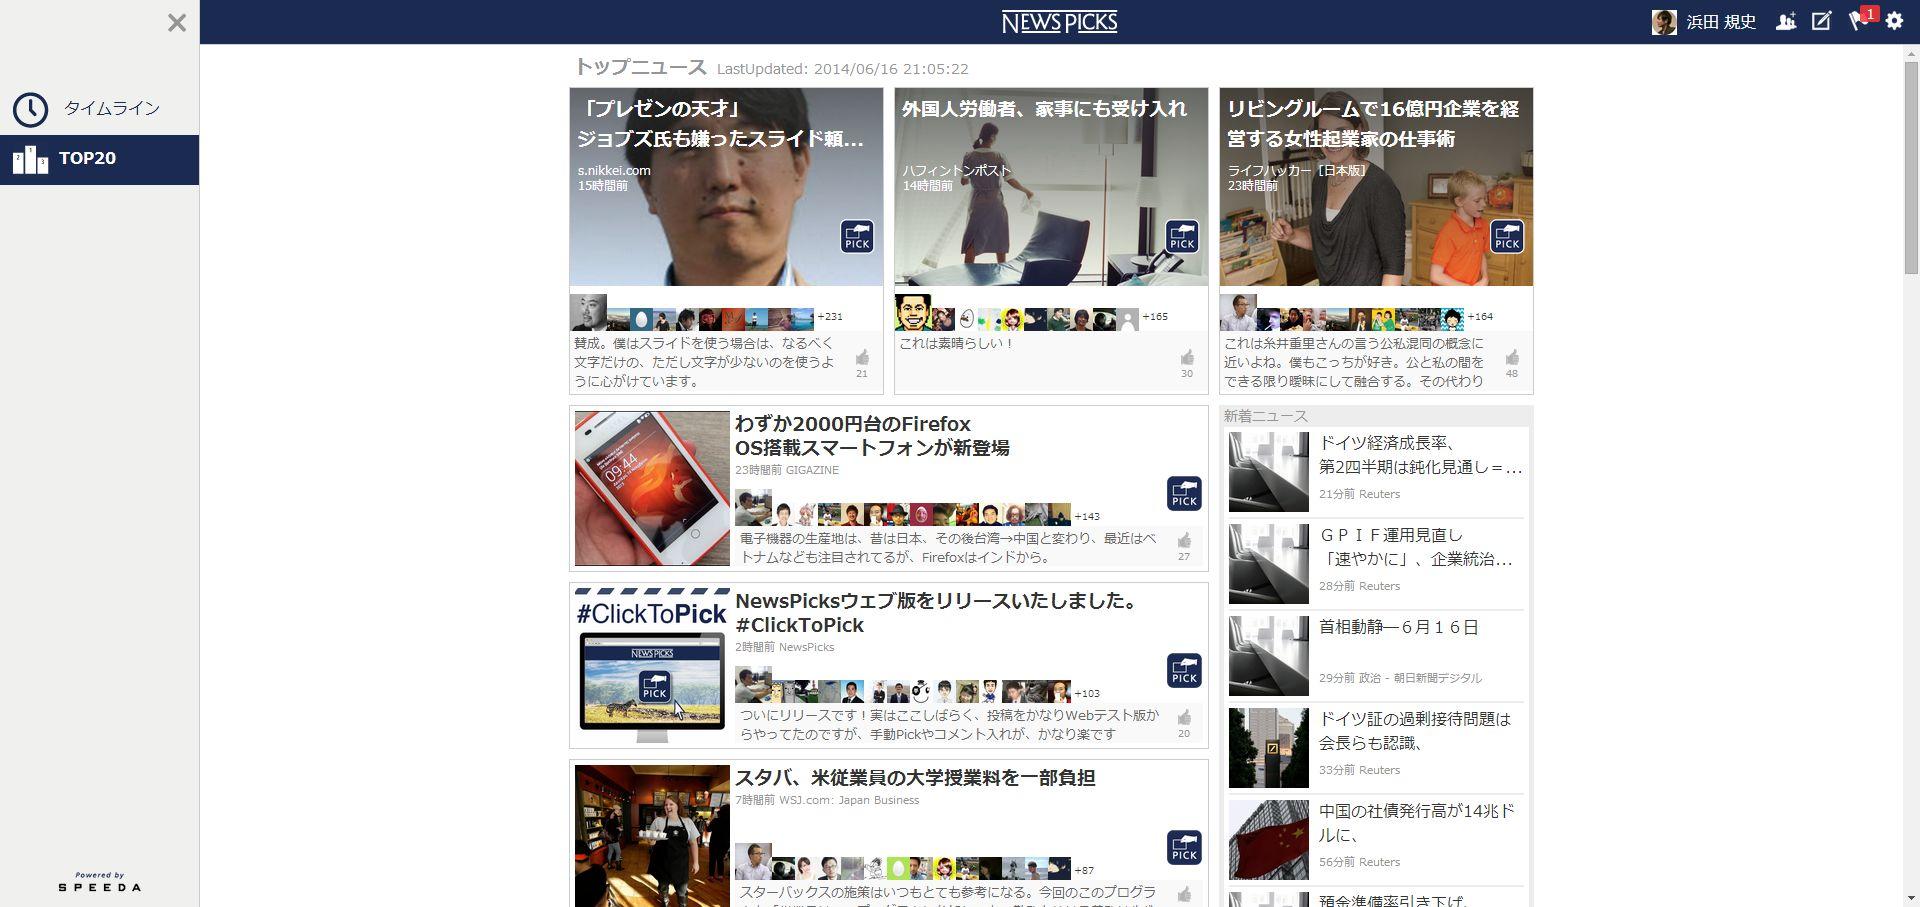 FireShot Screen Capture #019 - '(1) NewsPicks' - newspicks_com_web_#!_top20